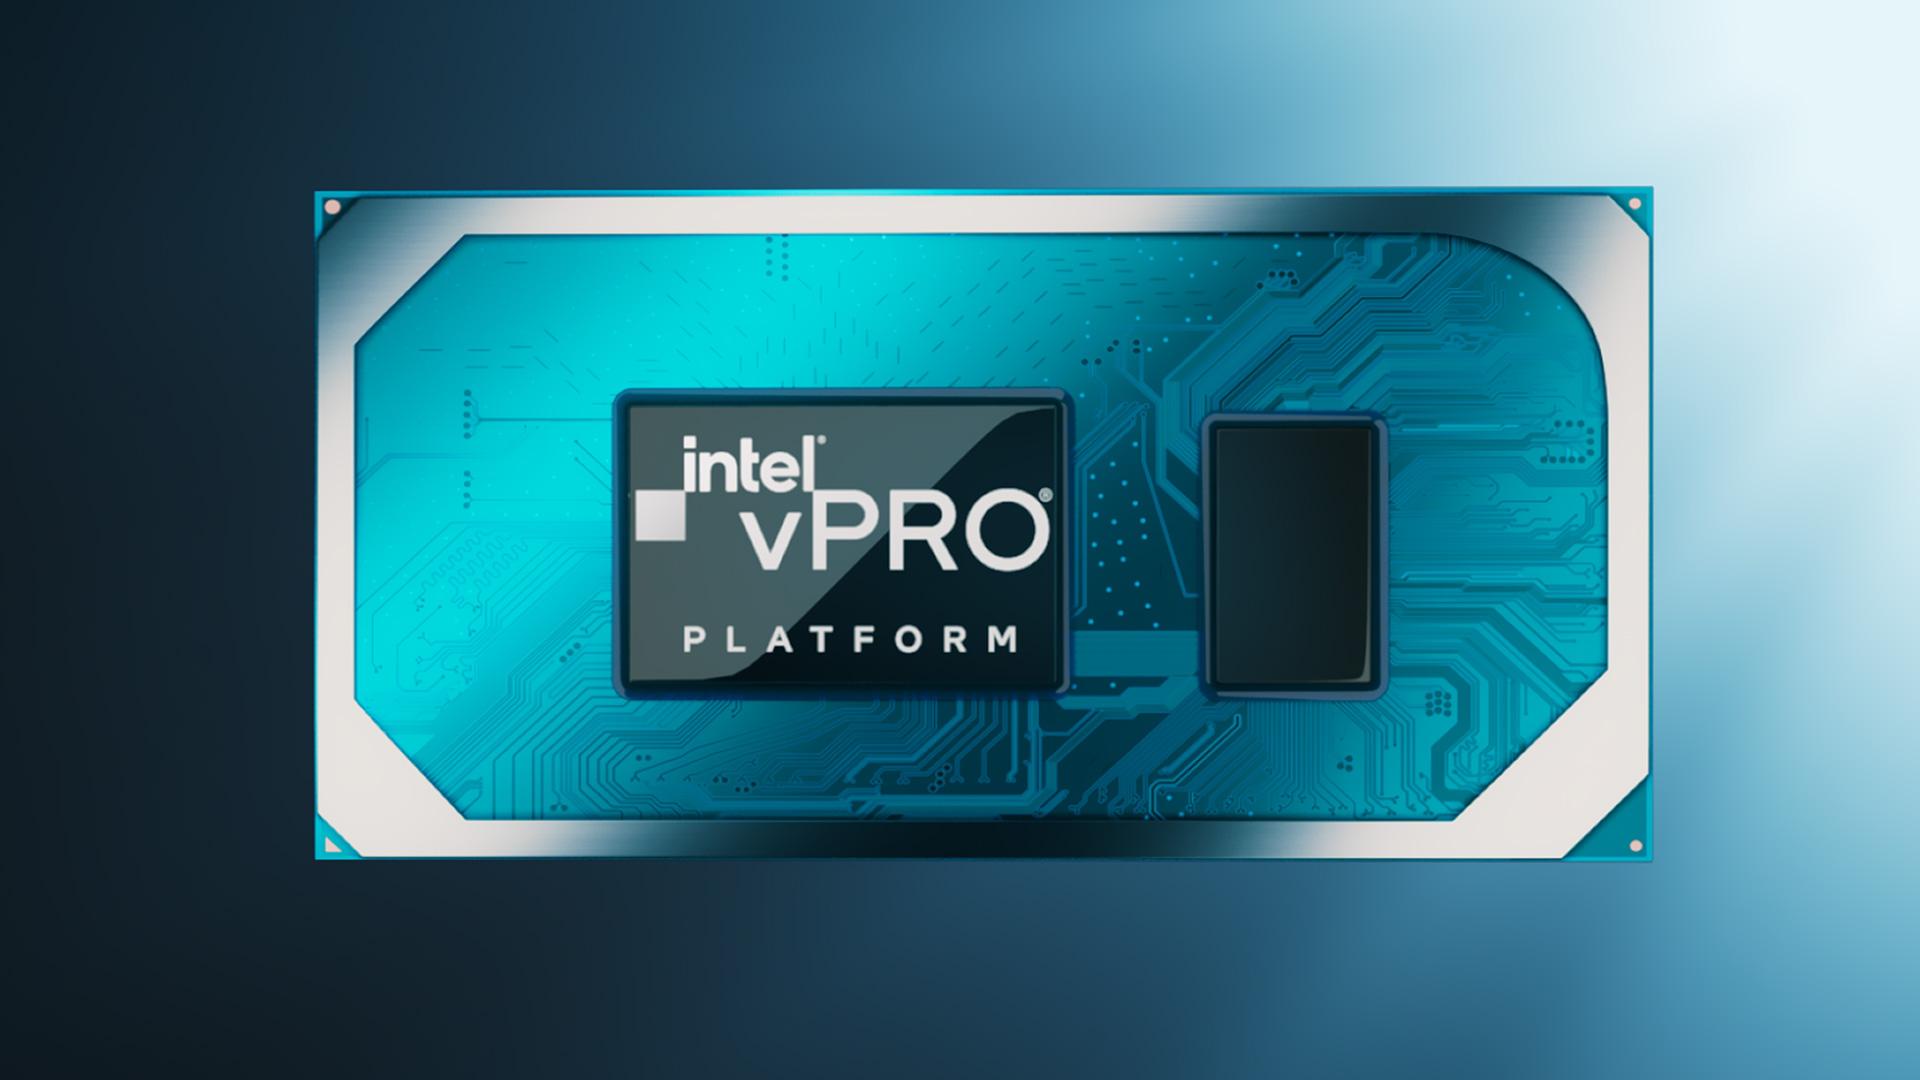 vpro-news-platform